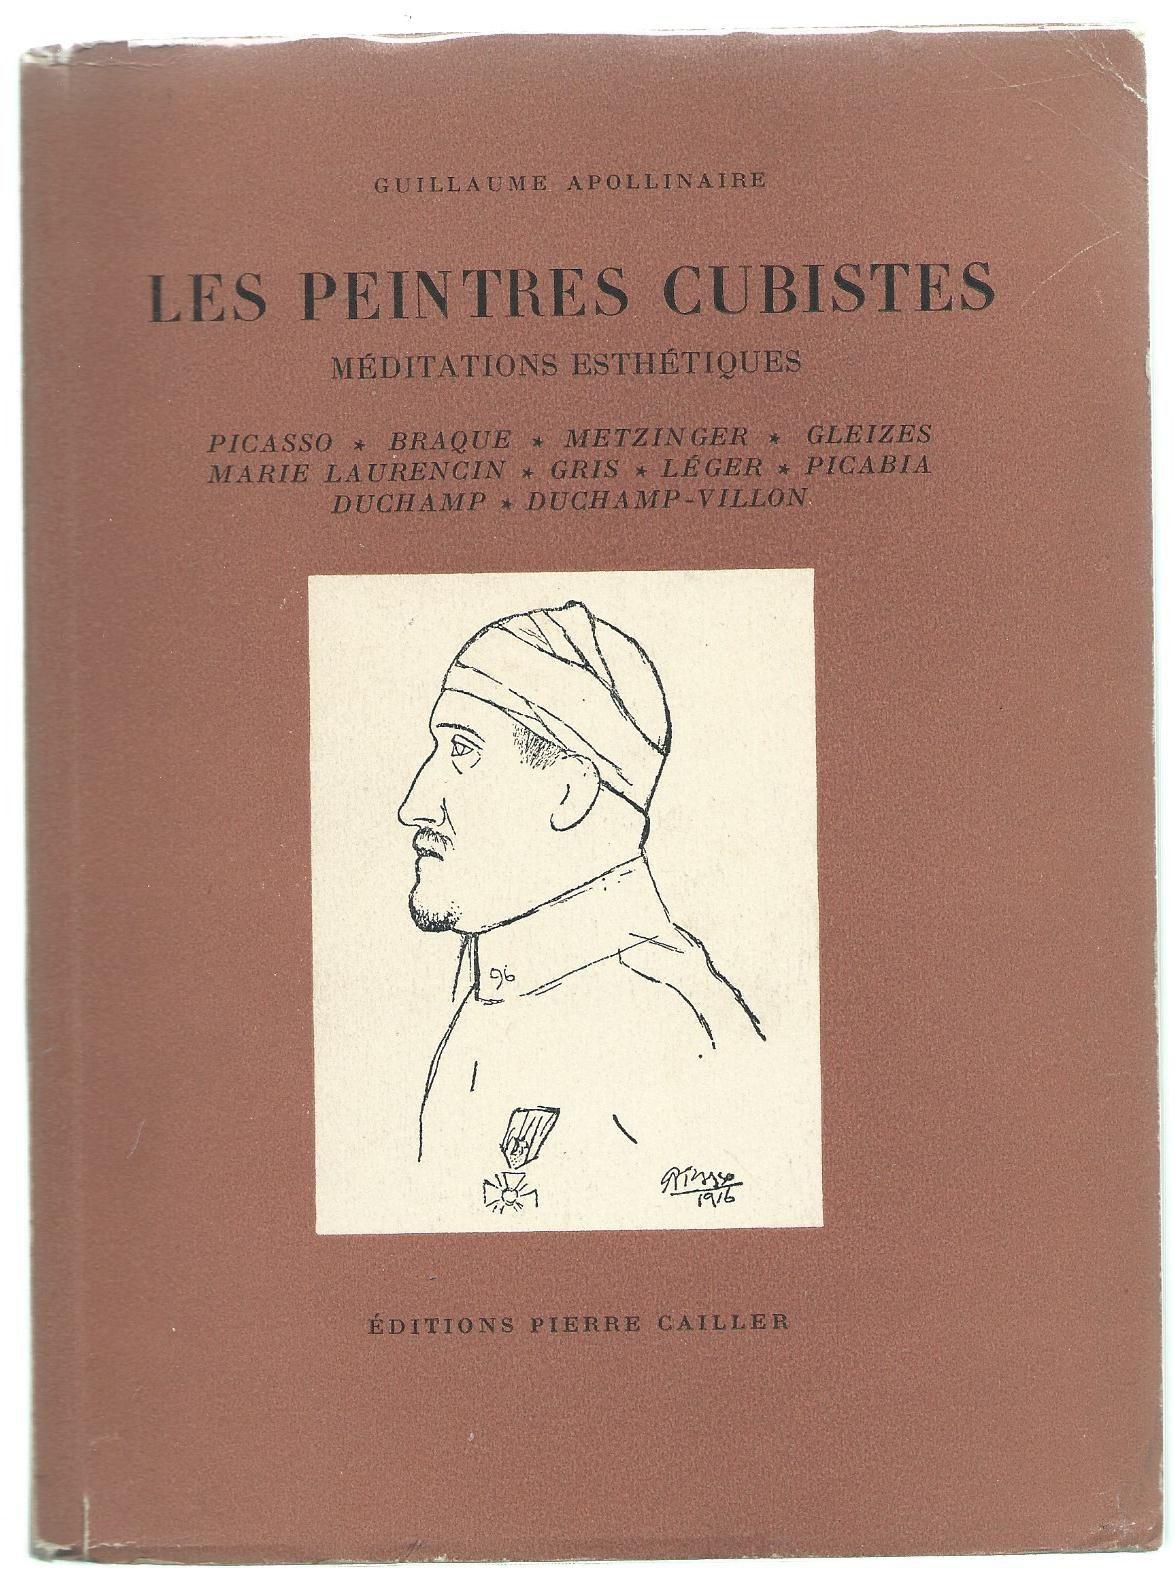 Livres de Guillaume Apollinaire d'Occasion ou Neufs